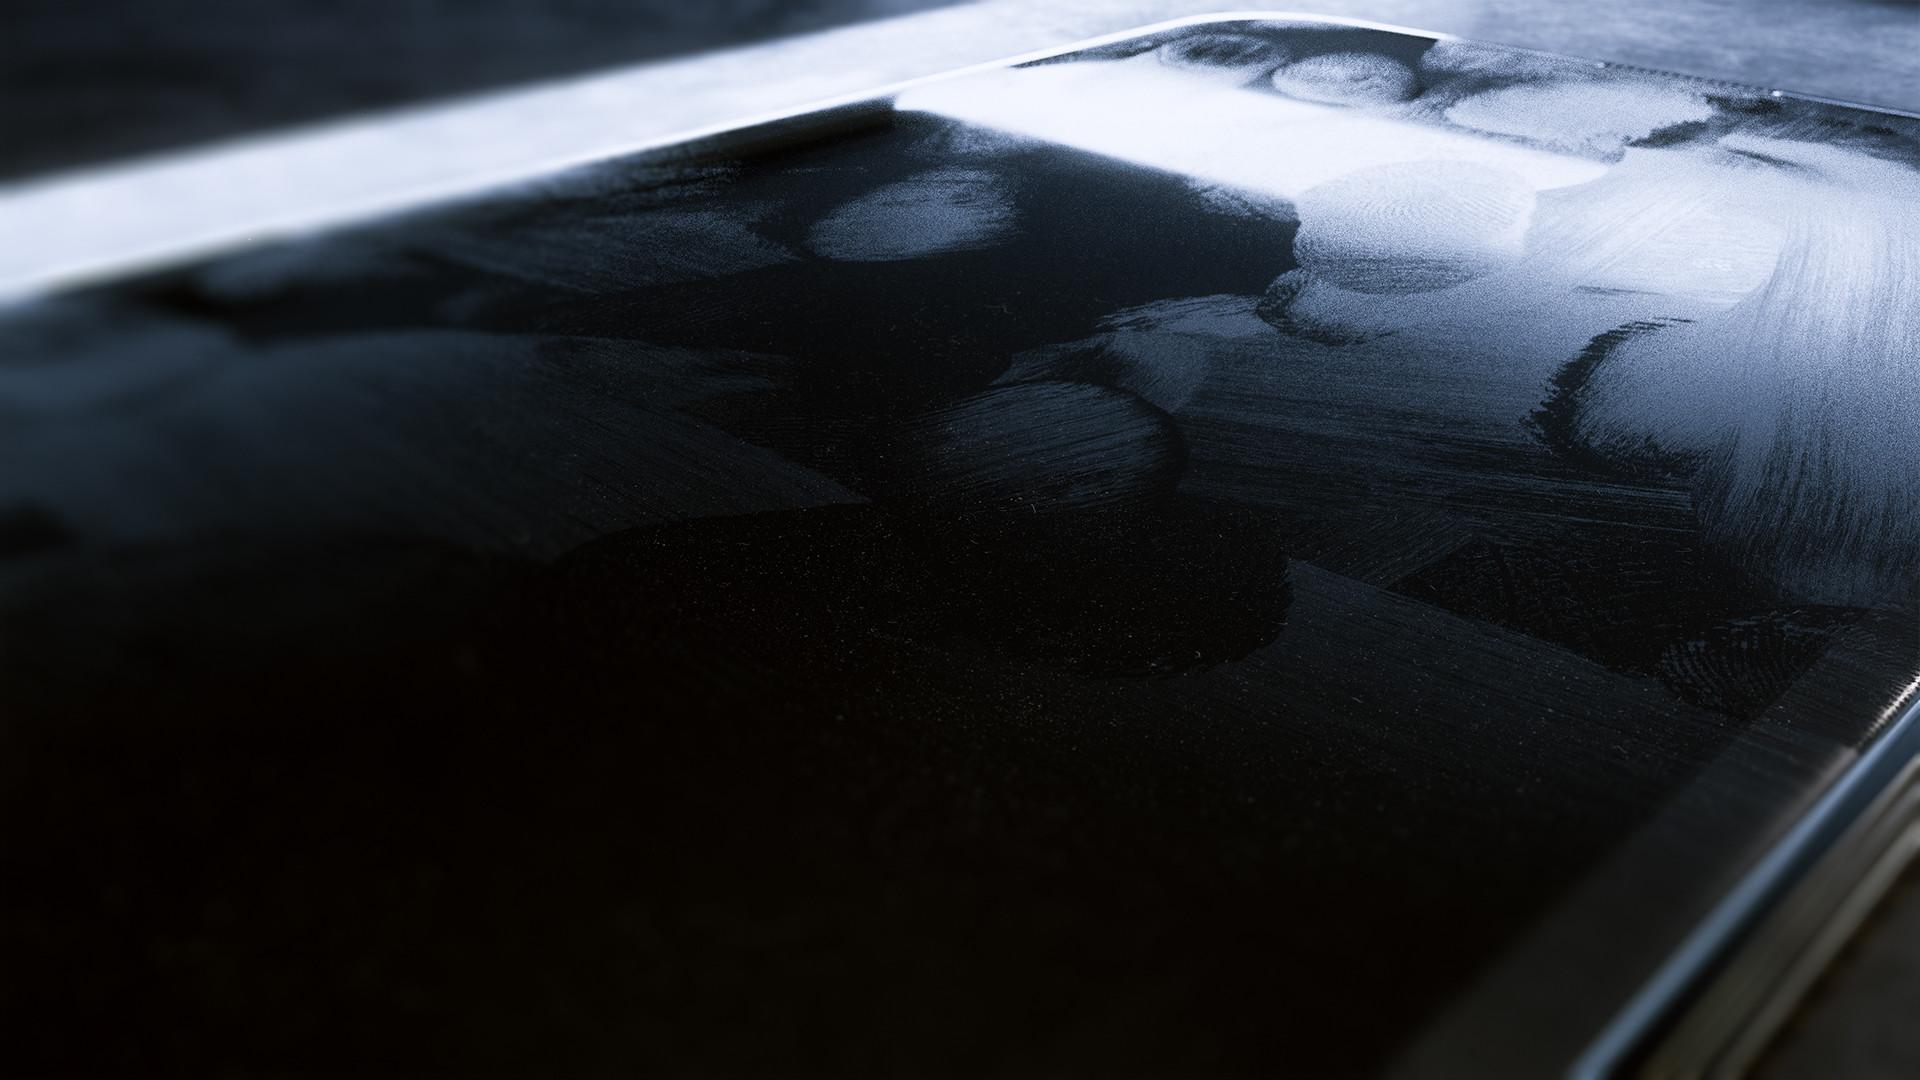 Guilherme henrique fingerprints05